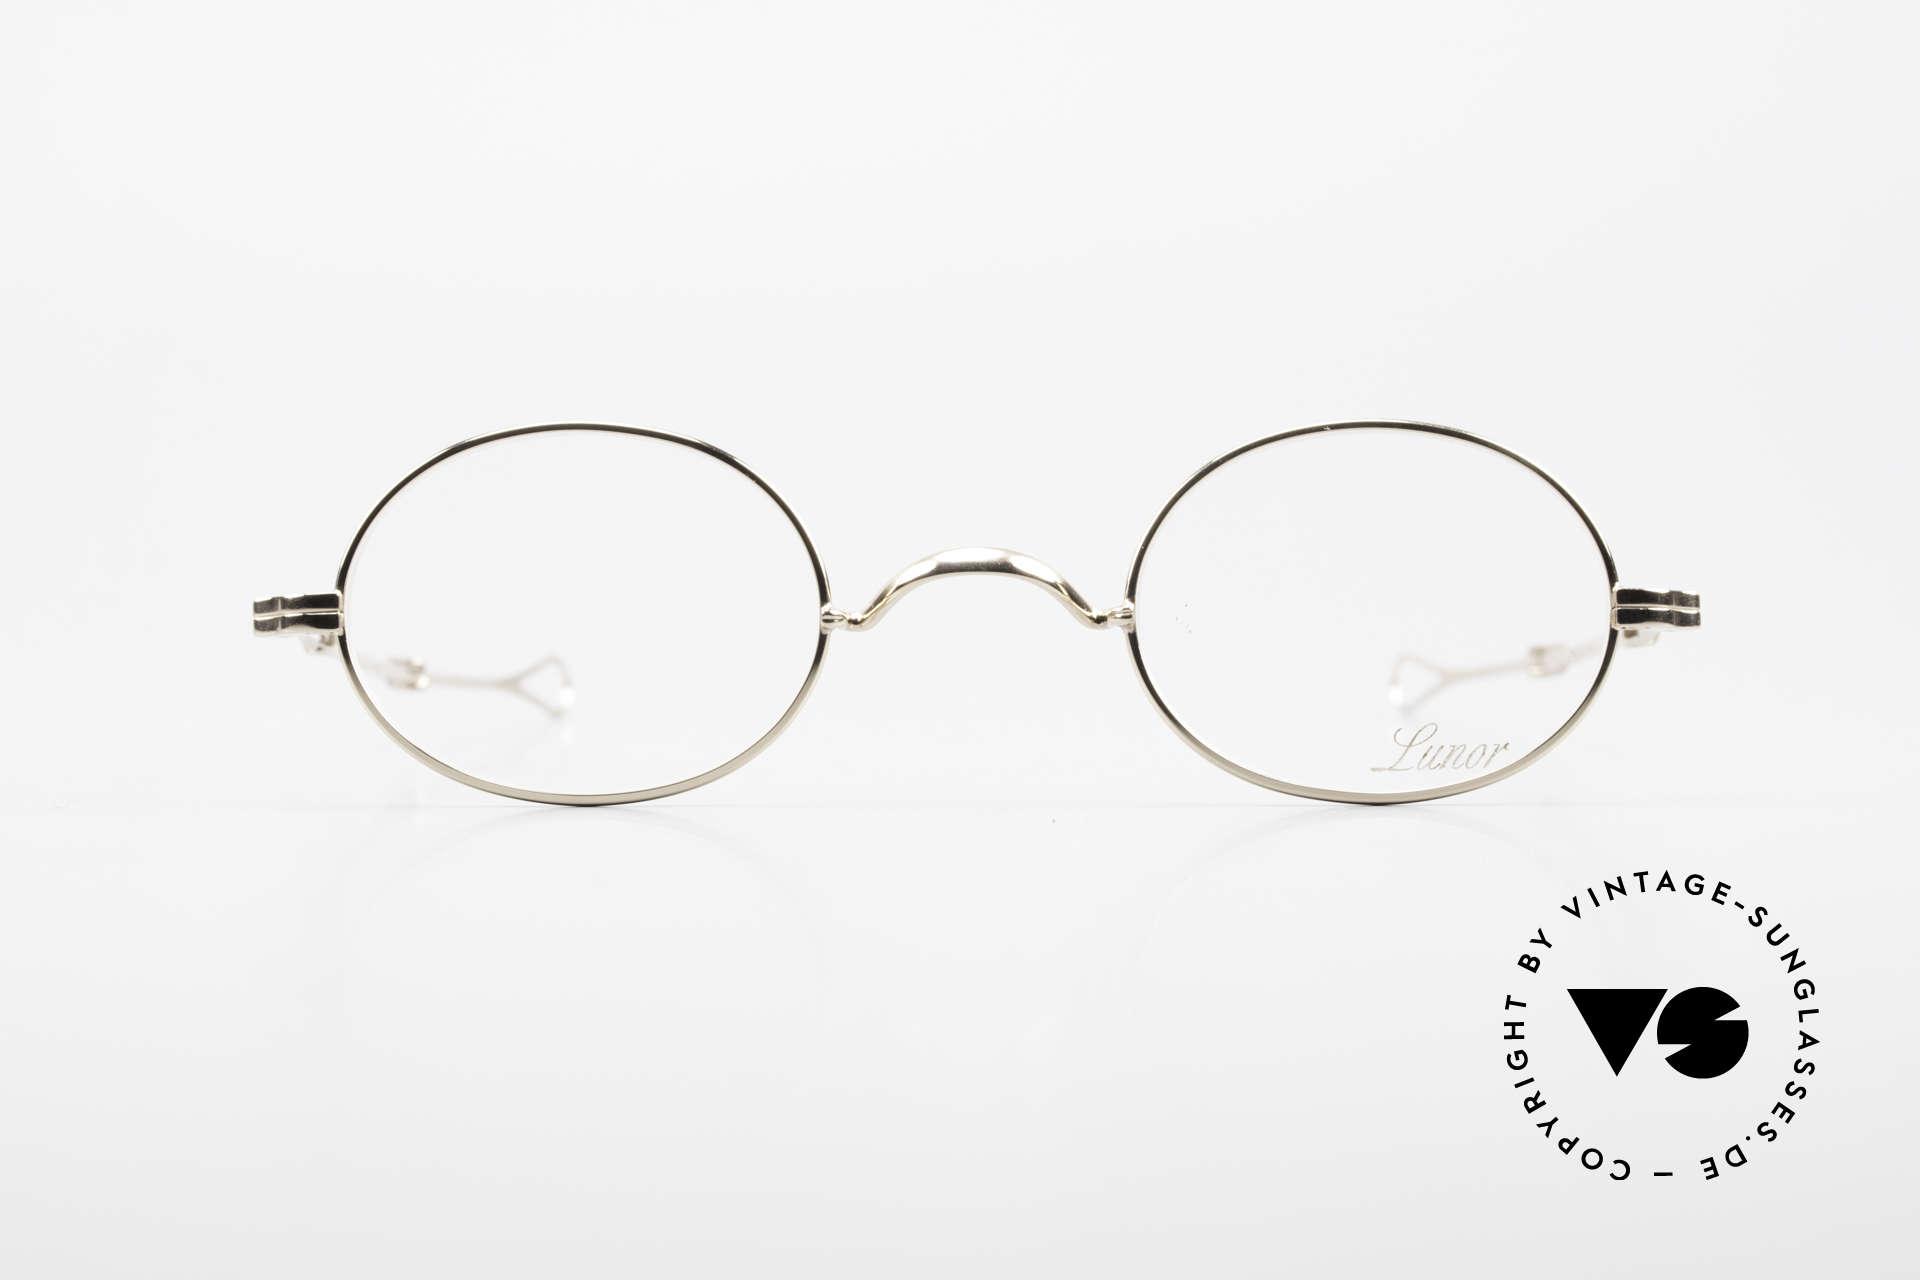 Lunor I 10 Telescopic Lunor Brille Oval Teleskop, minimalistische Brille; stilvoll in zeitloser Eleganz, Passend für Herren und Damen